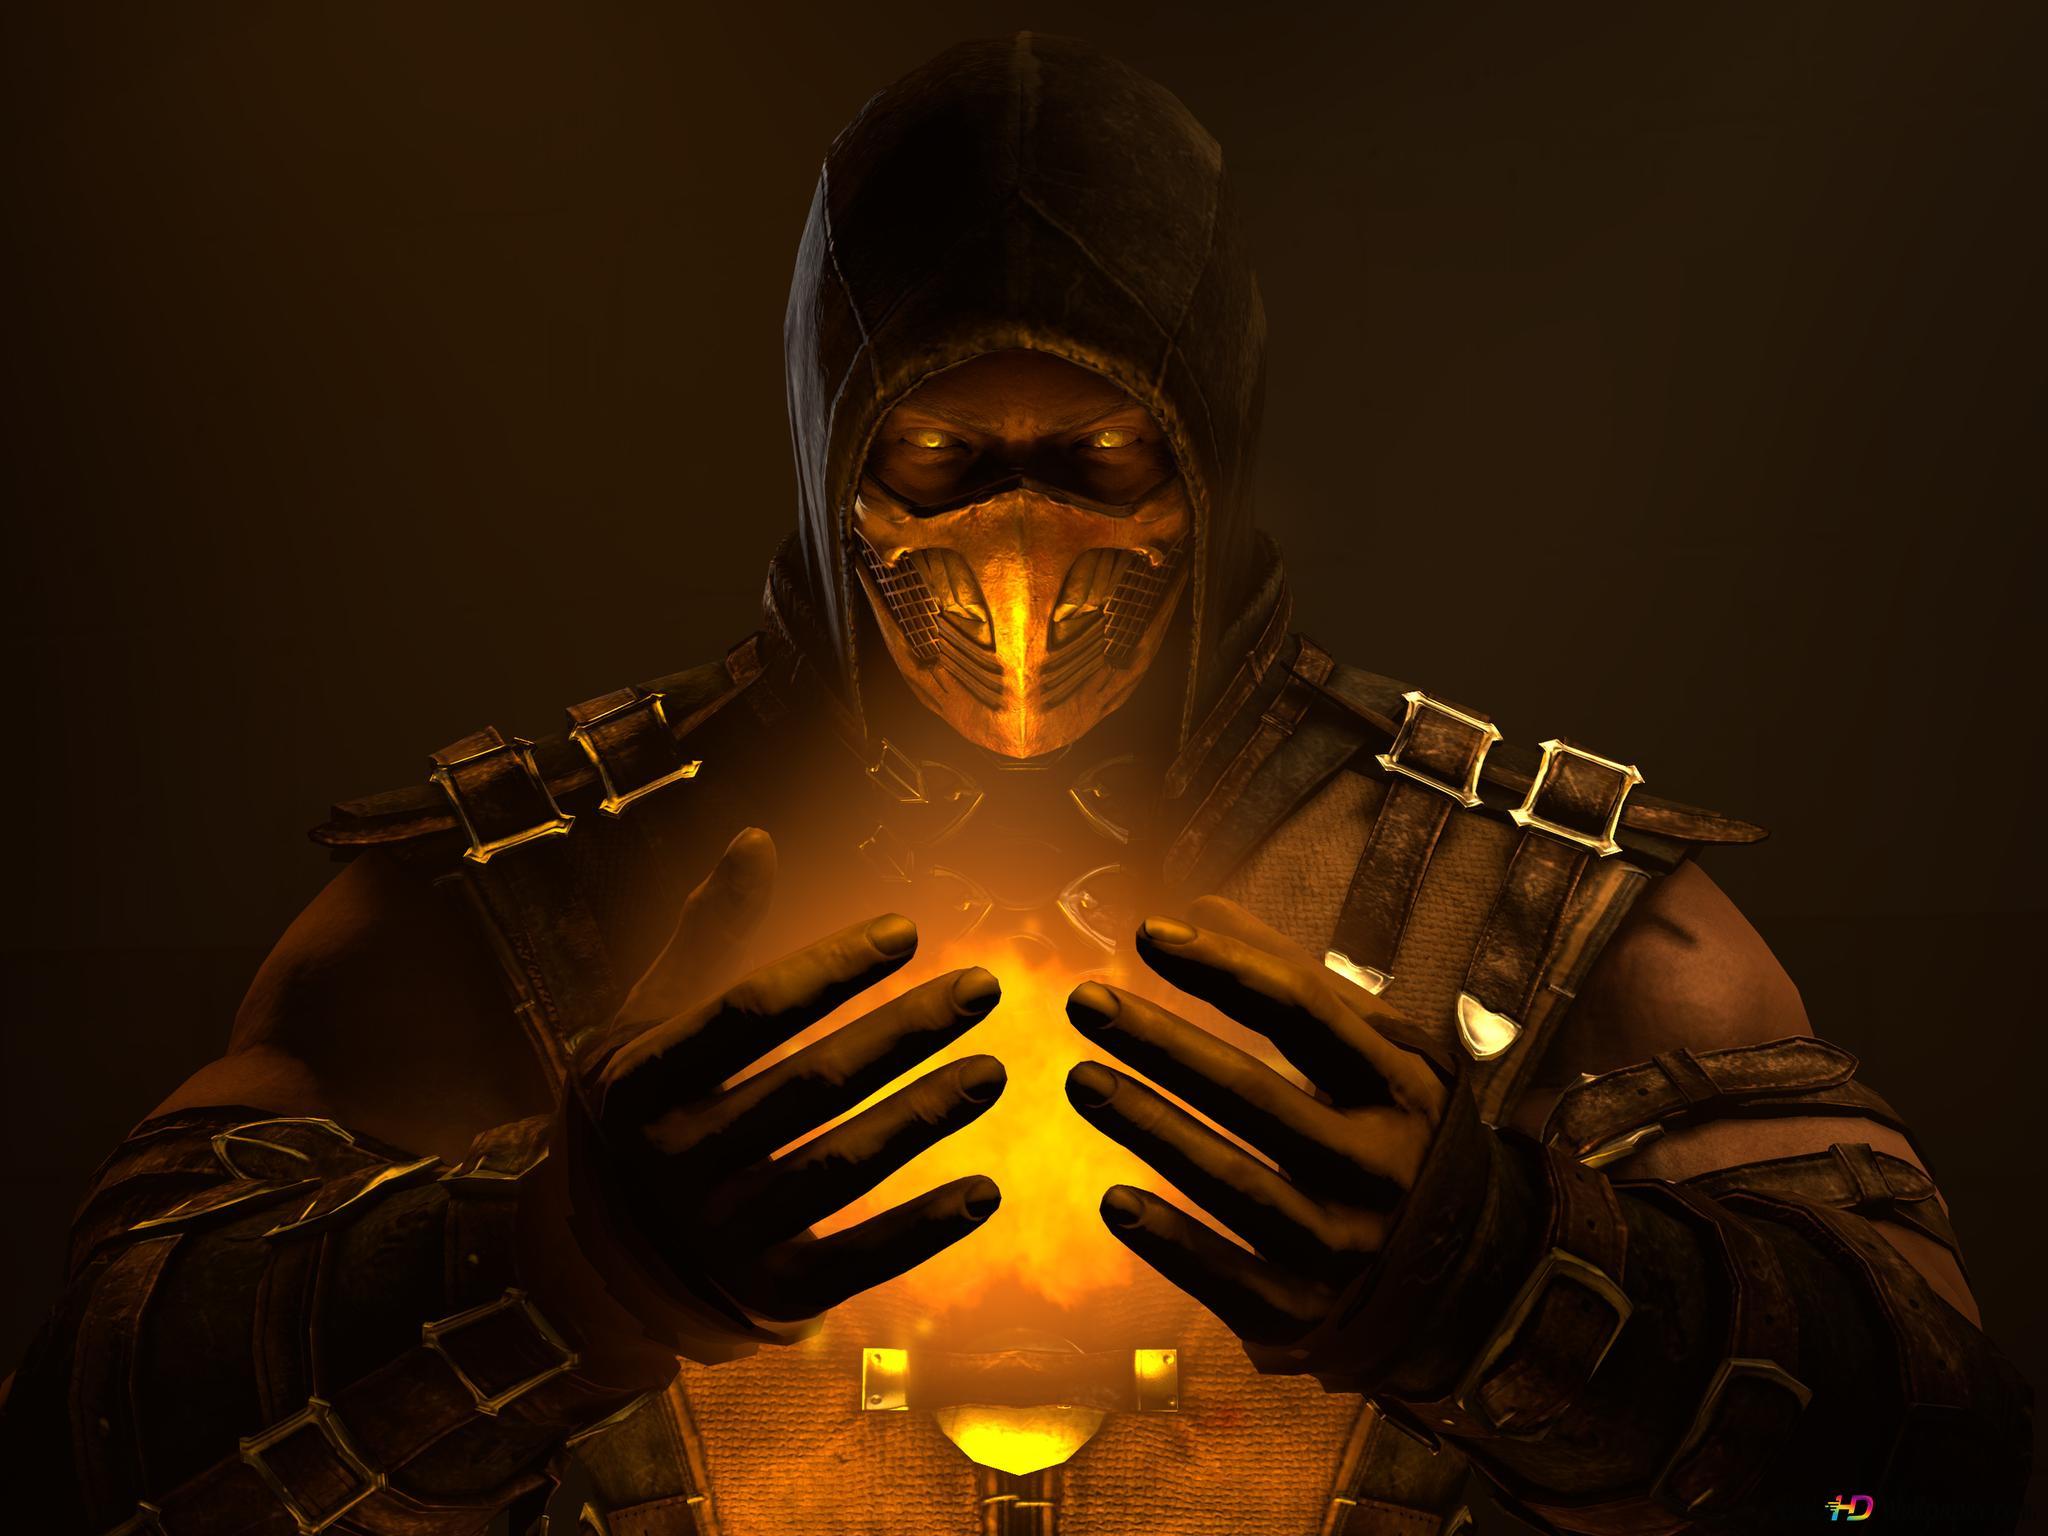 Mortal Kombat X Feel The Power Inside Scorpion Hd Wallpaper